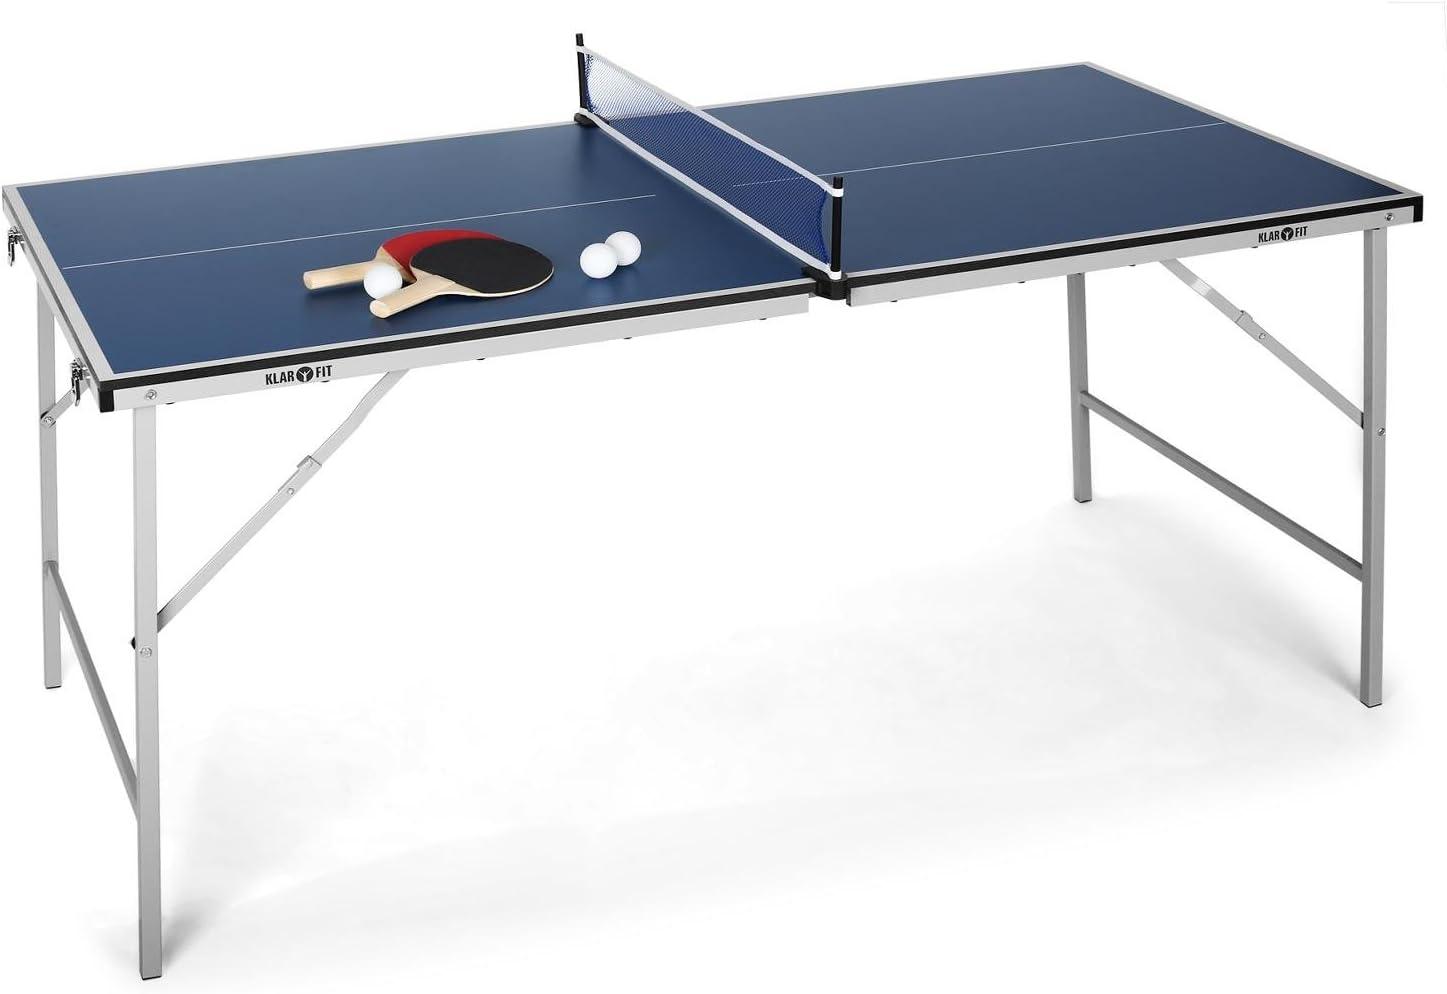 Klarfit King Pong Mesa de Ping-Pong Plegable (Recubrimiento Resistente a Golpes, fácil Montaje y Transporte, Incluye Dos Palas y Tres Pelotas, Red, Tenis de Mesa)